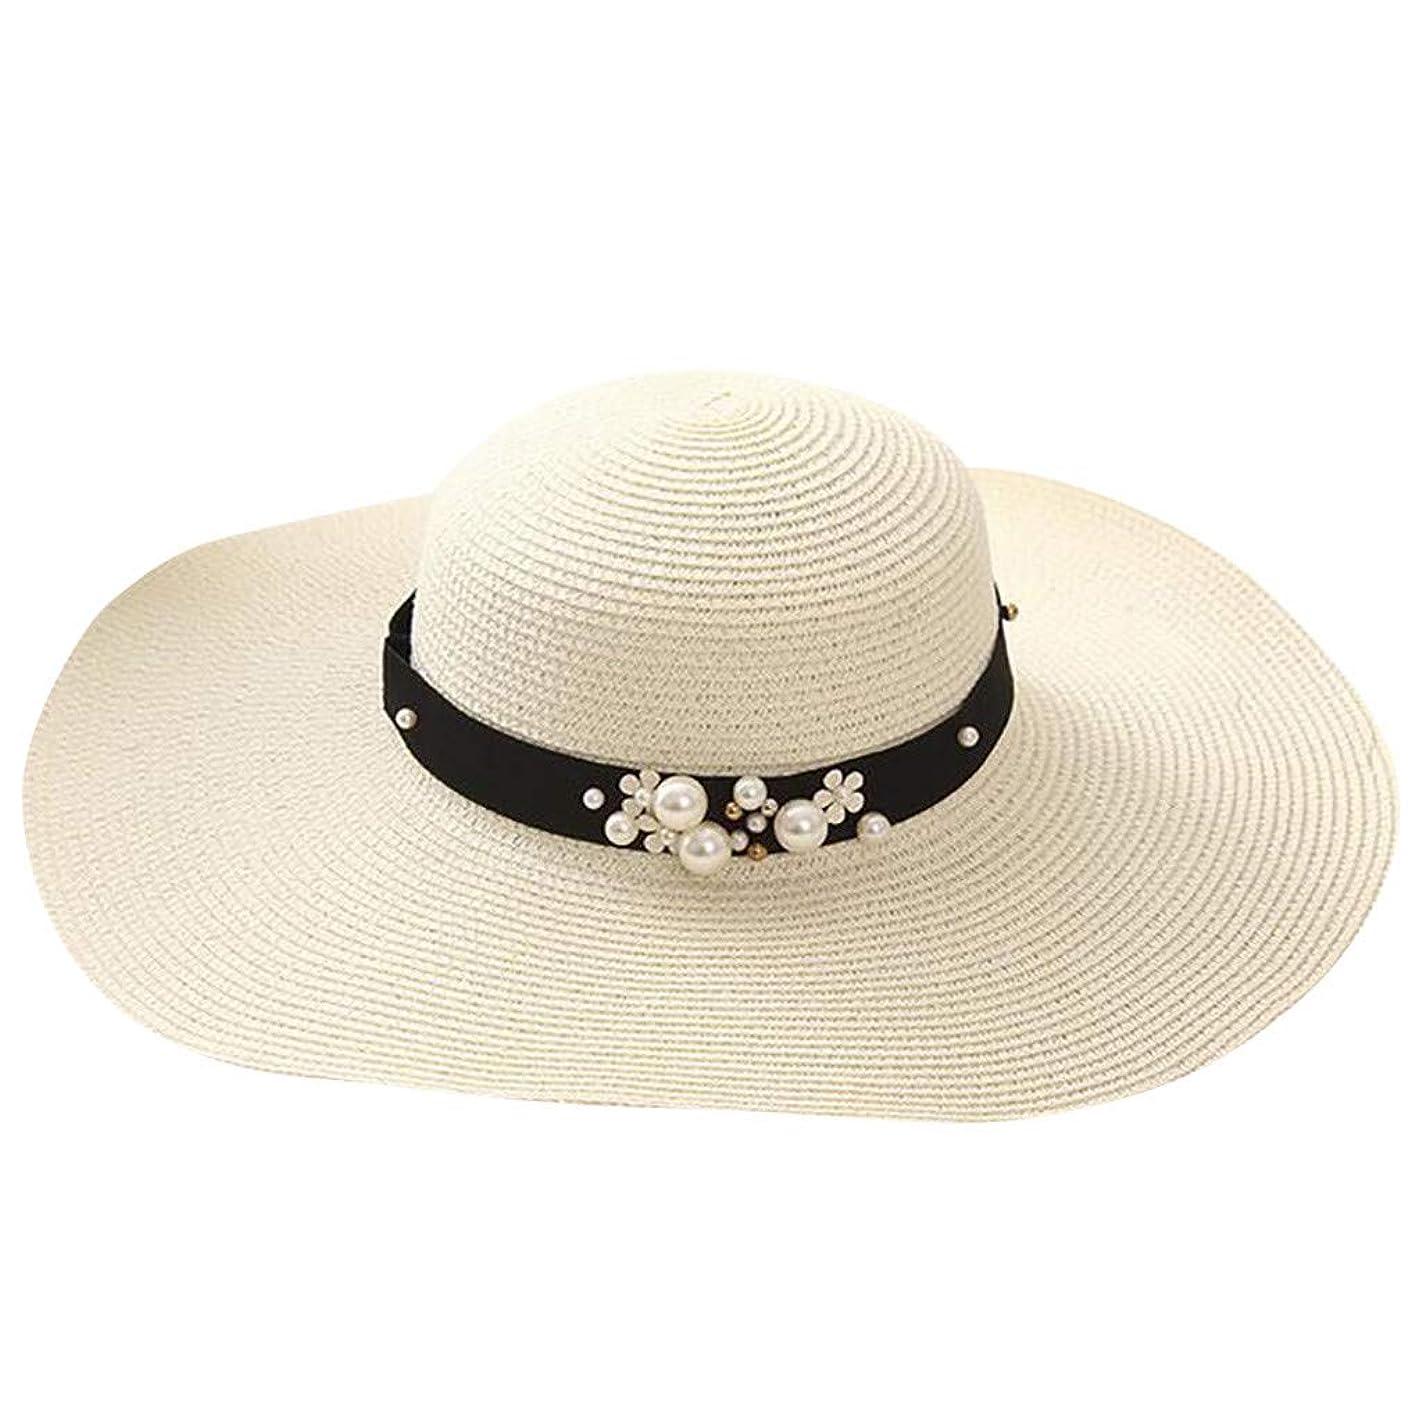 低い入場慎重に漁師の帽子 ROSE ROMAN UVカット 帽子 帽子 レディース 麦わら帽子 UV帽子 紫外線対策 通気性 取り外すあご紐 サイズ調節可 つば広 おしゃれ 可愛い ハット 旅行用 日よけ 夏季 女優帽 小顔効果抜群